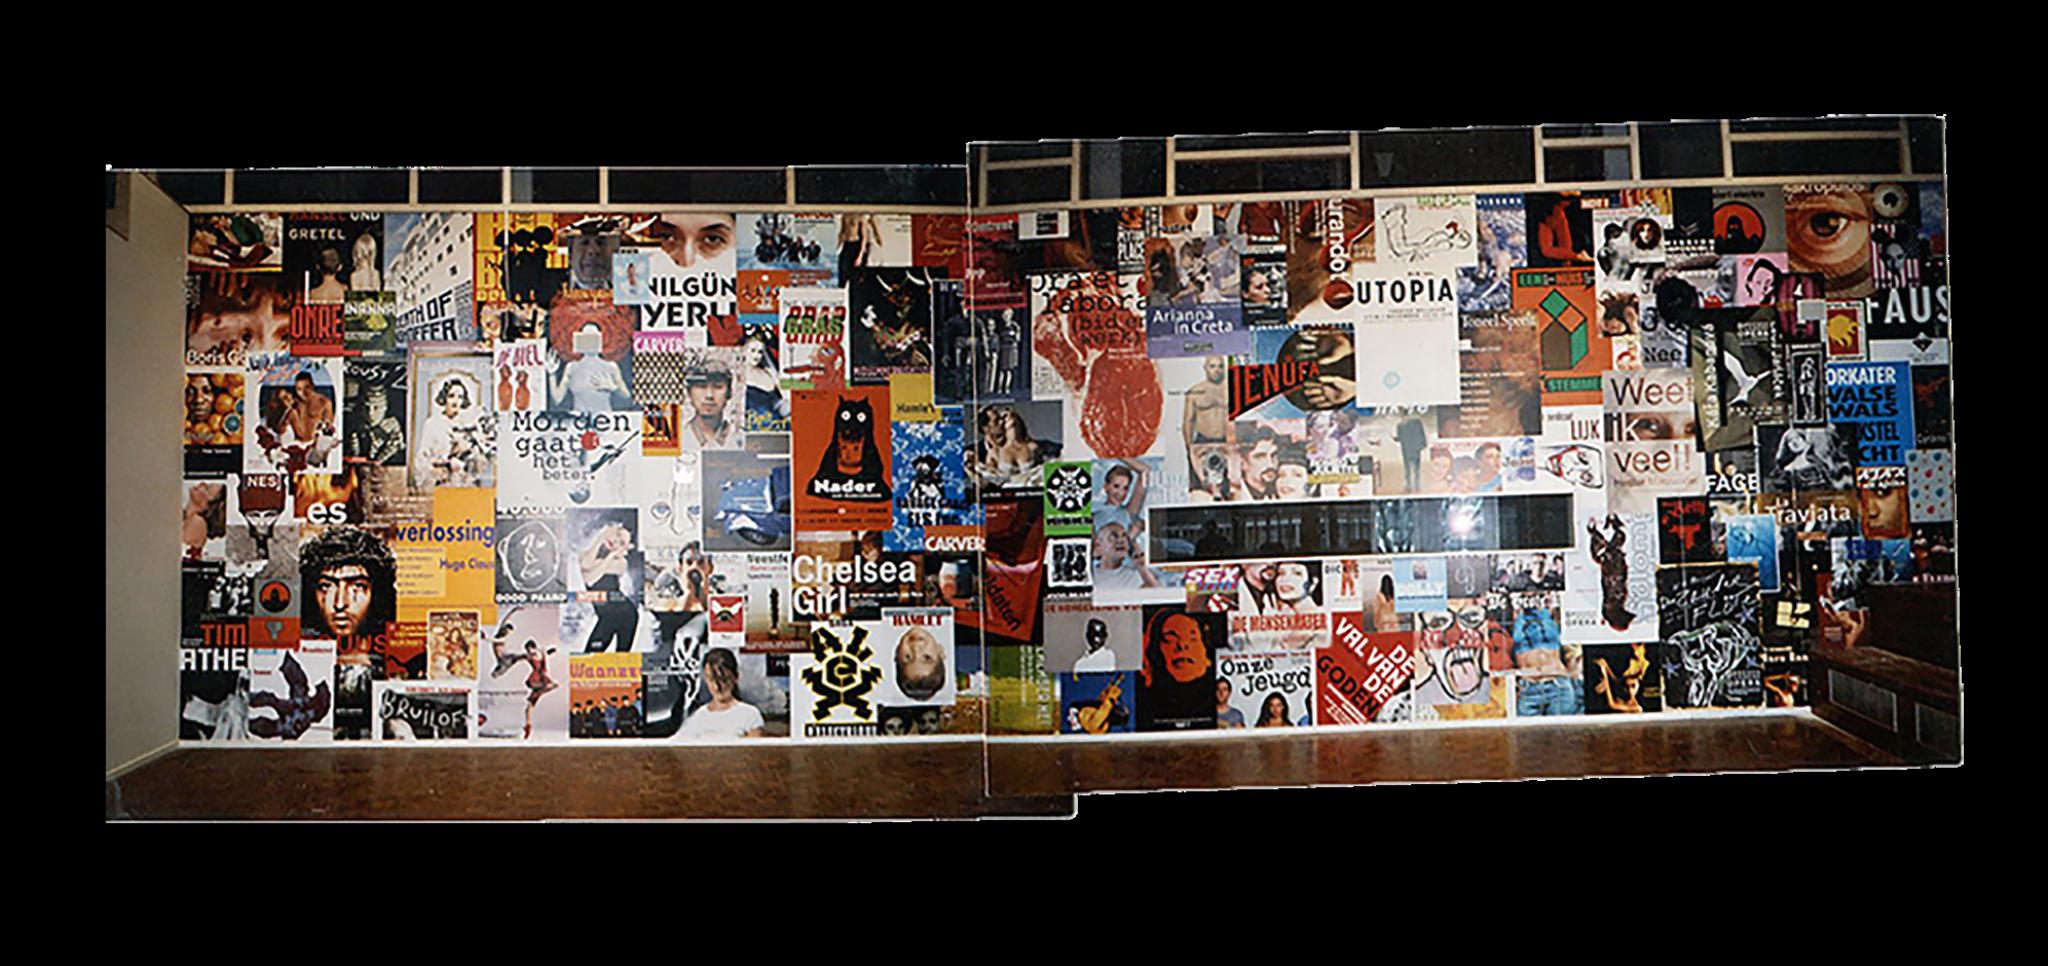 De Ontwerpwerkplaats, Gijs Niemeijer, Floor van Ditzhuyzen, Westvleugel Rijswijks Lyceum, Rijswijks Lyceum, interieurarchitect school, verbouwing school, transformatie school, verbouwing Rijswijks Lyceum,